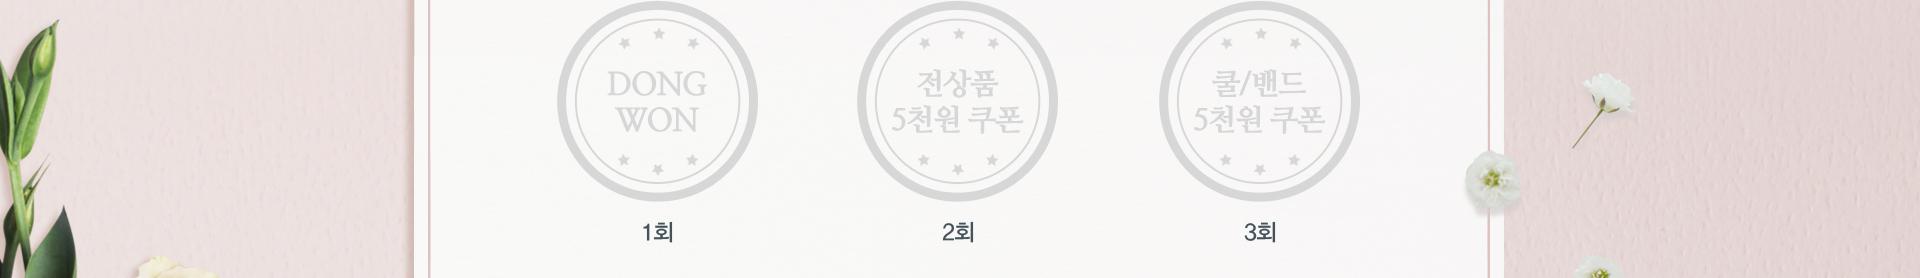 밴드/쿨밴드 배송상품 2만원 이상 스탬프 적립